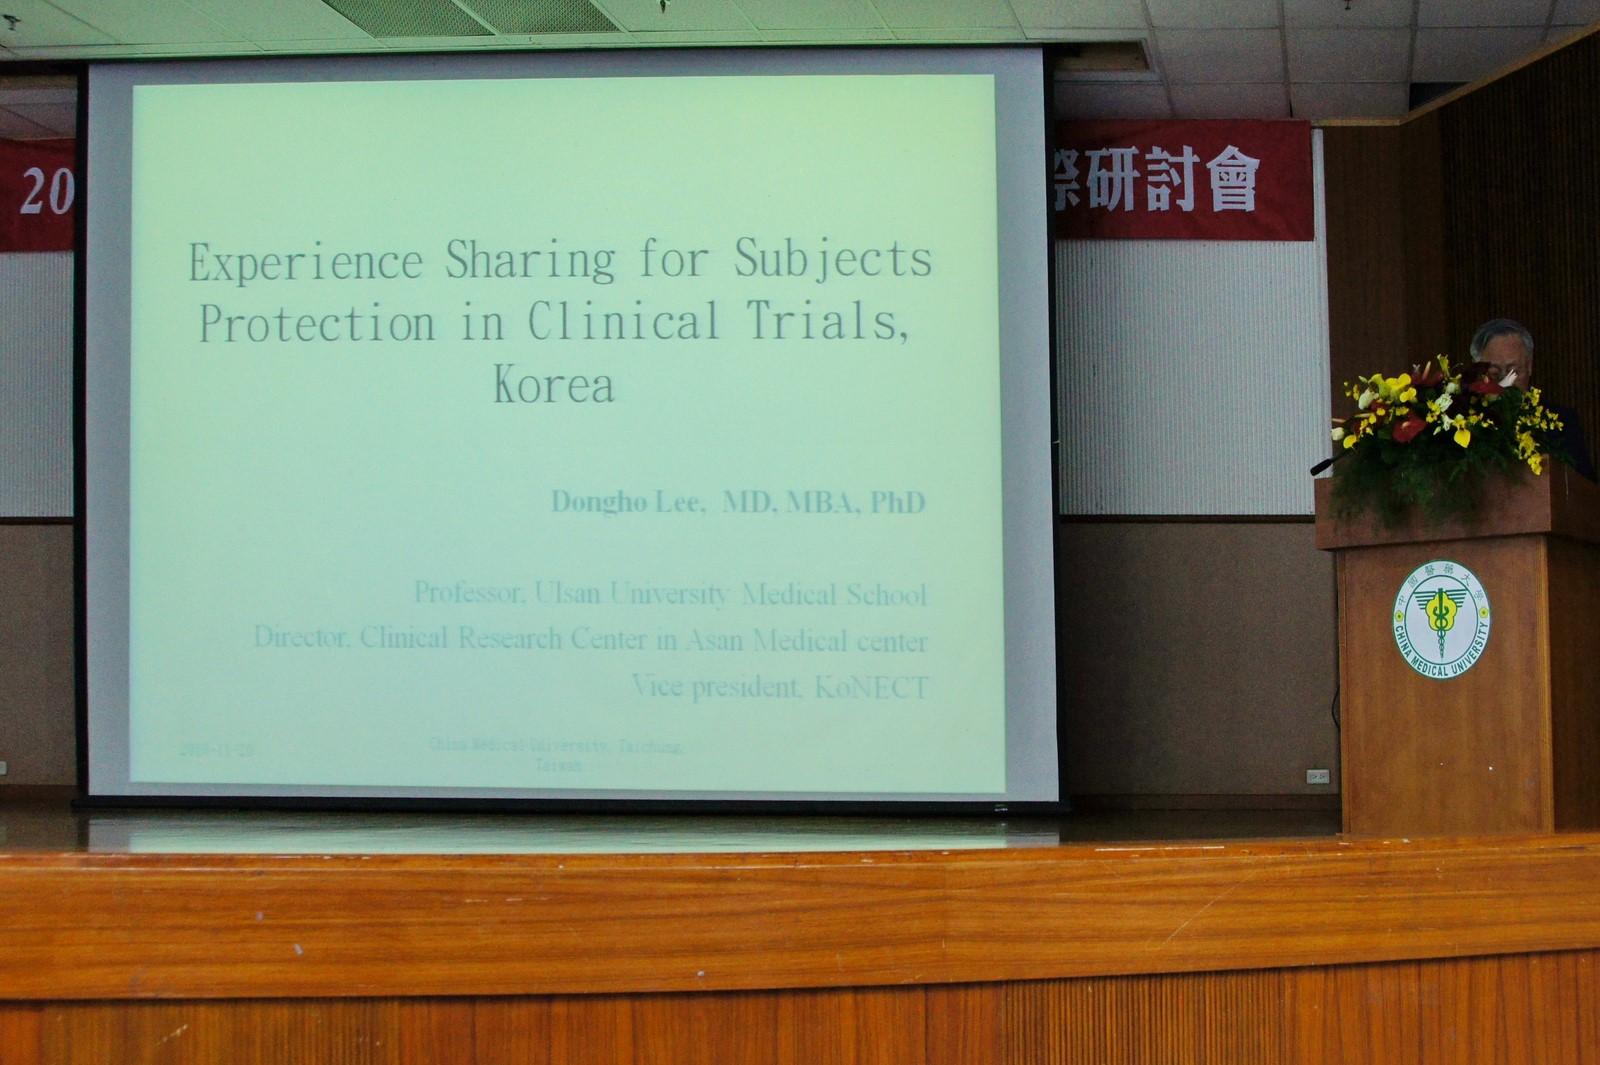 2010 臨床試驗受試者安全之新進展國際研討會 - 長庚核子醫學科 (北院區)